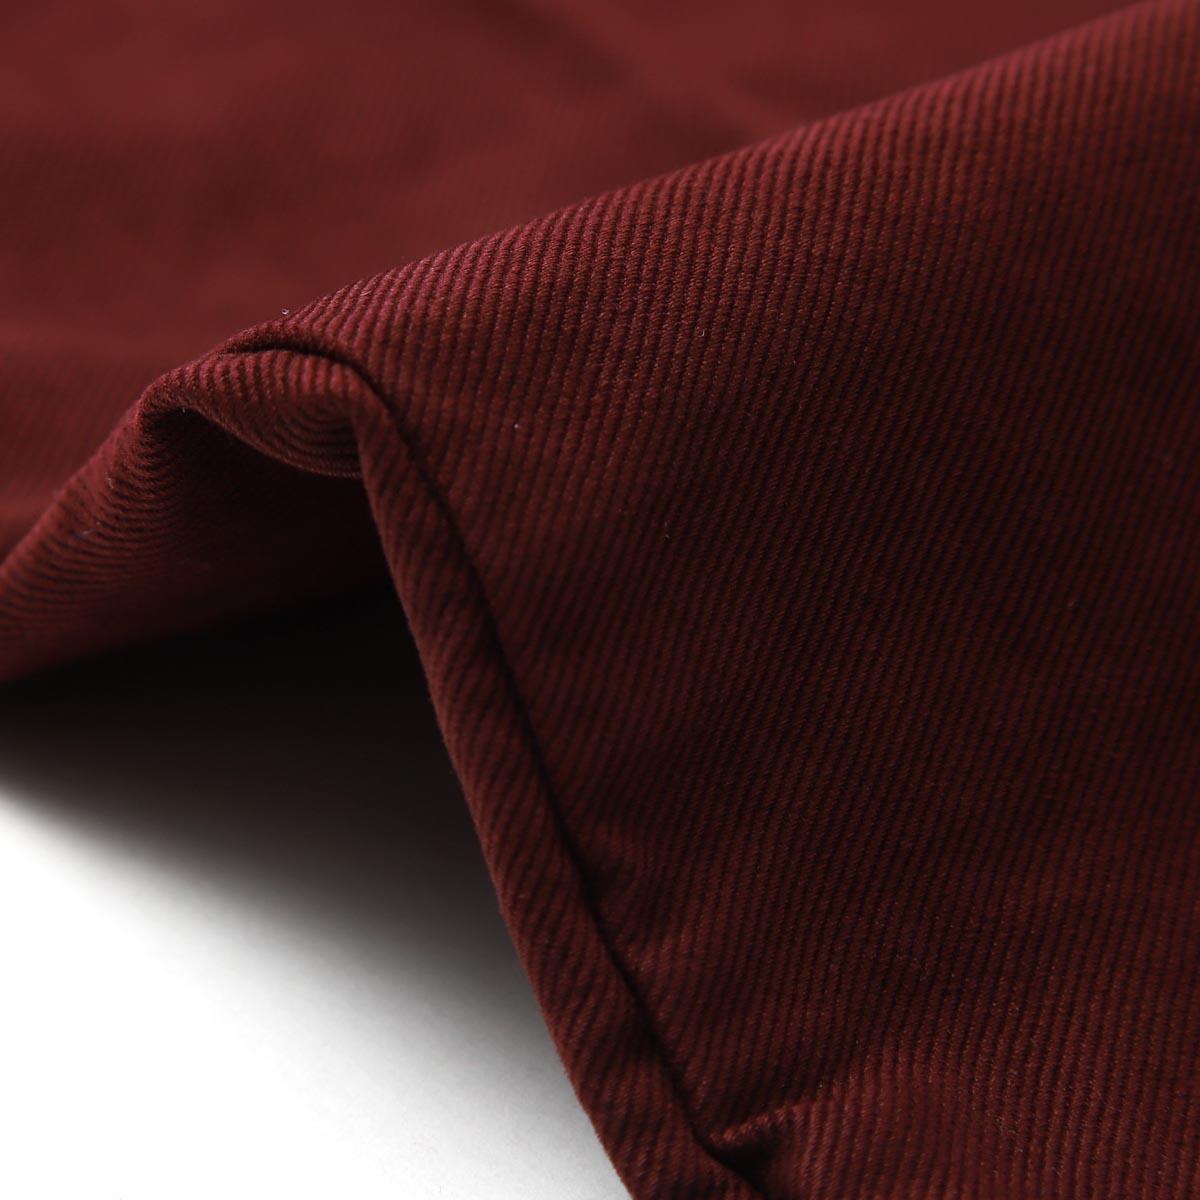 【大感謝祭】INCOTEX SLACKS インコテックススラックス ノープリーツ スラックス コットンパンツ/旧 619 TDICOCHINO TIGHT FIT タイトフィット【大きいサイズあり】 メンズ